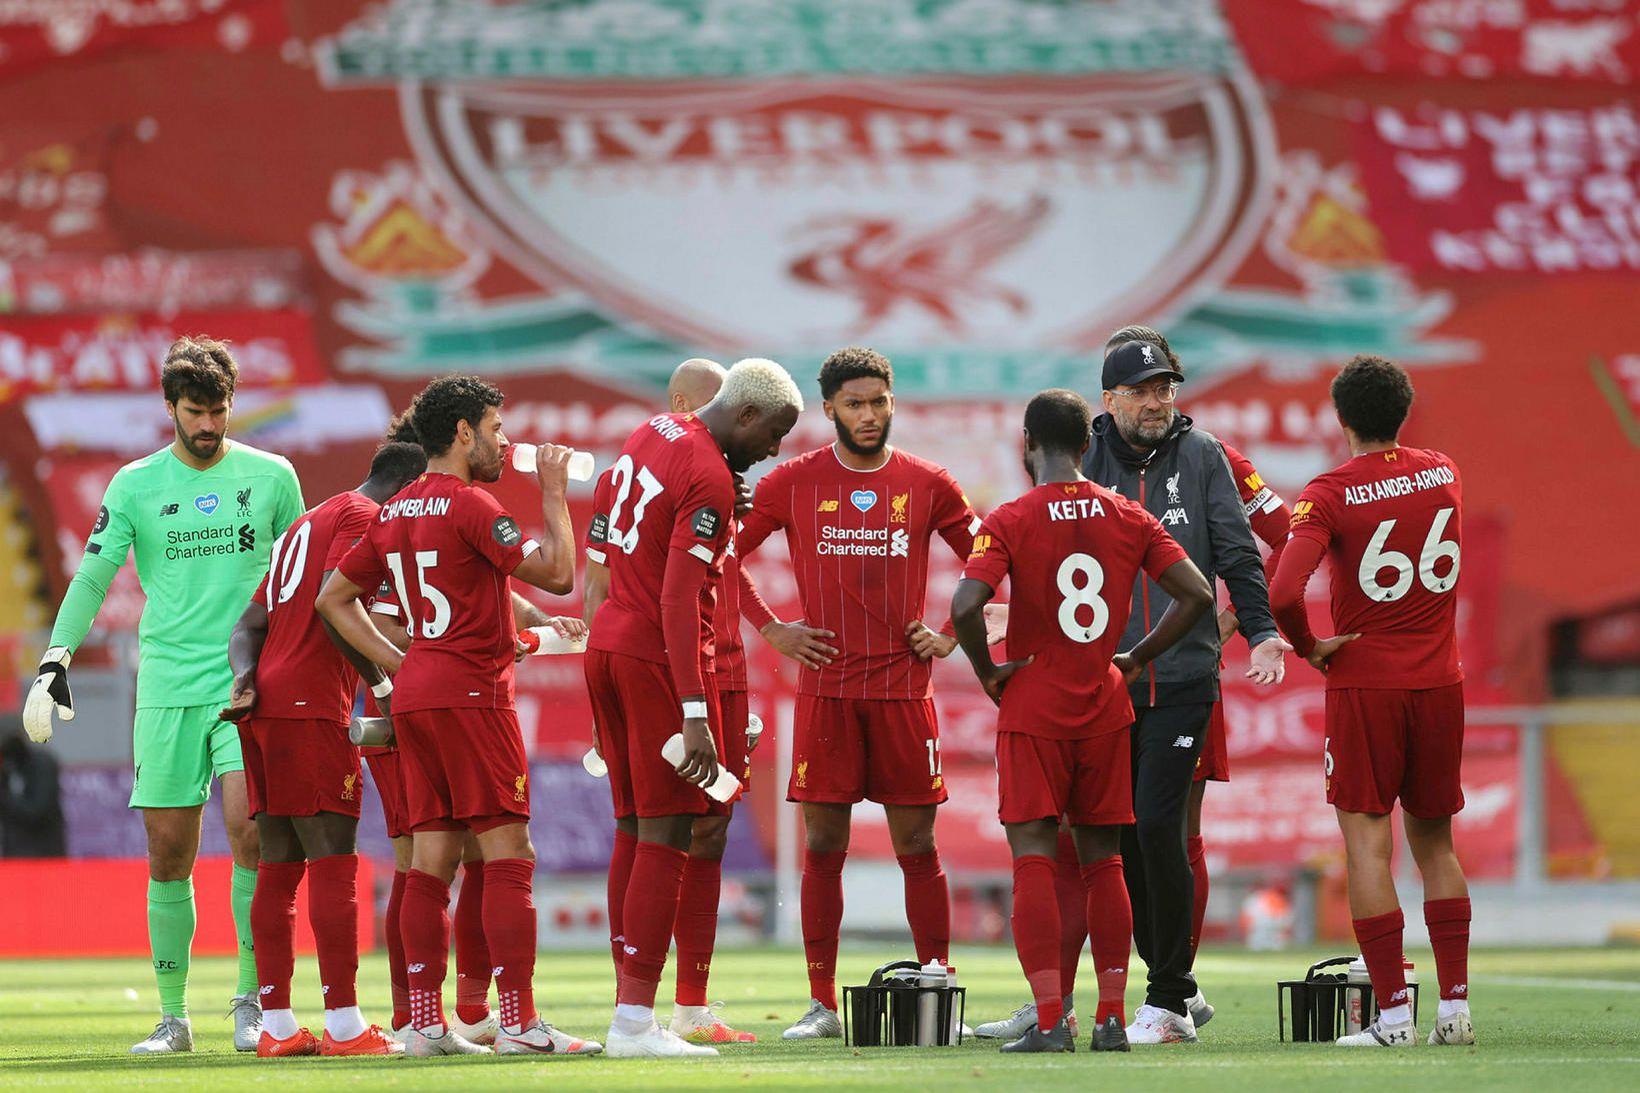 Liverpool var með mikla yfirburði í ensku úrvalsdeildinni á tímabilinu.